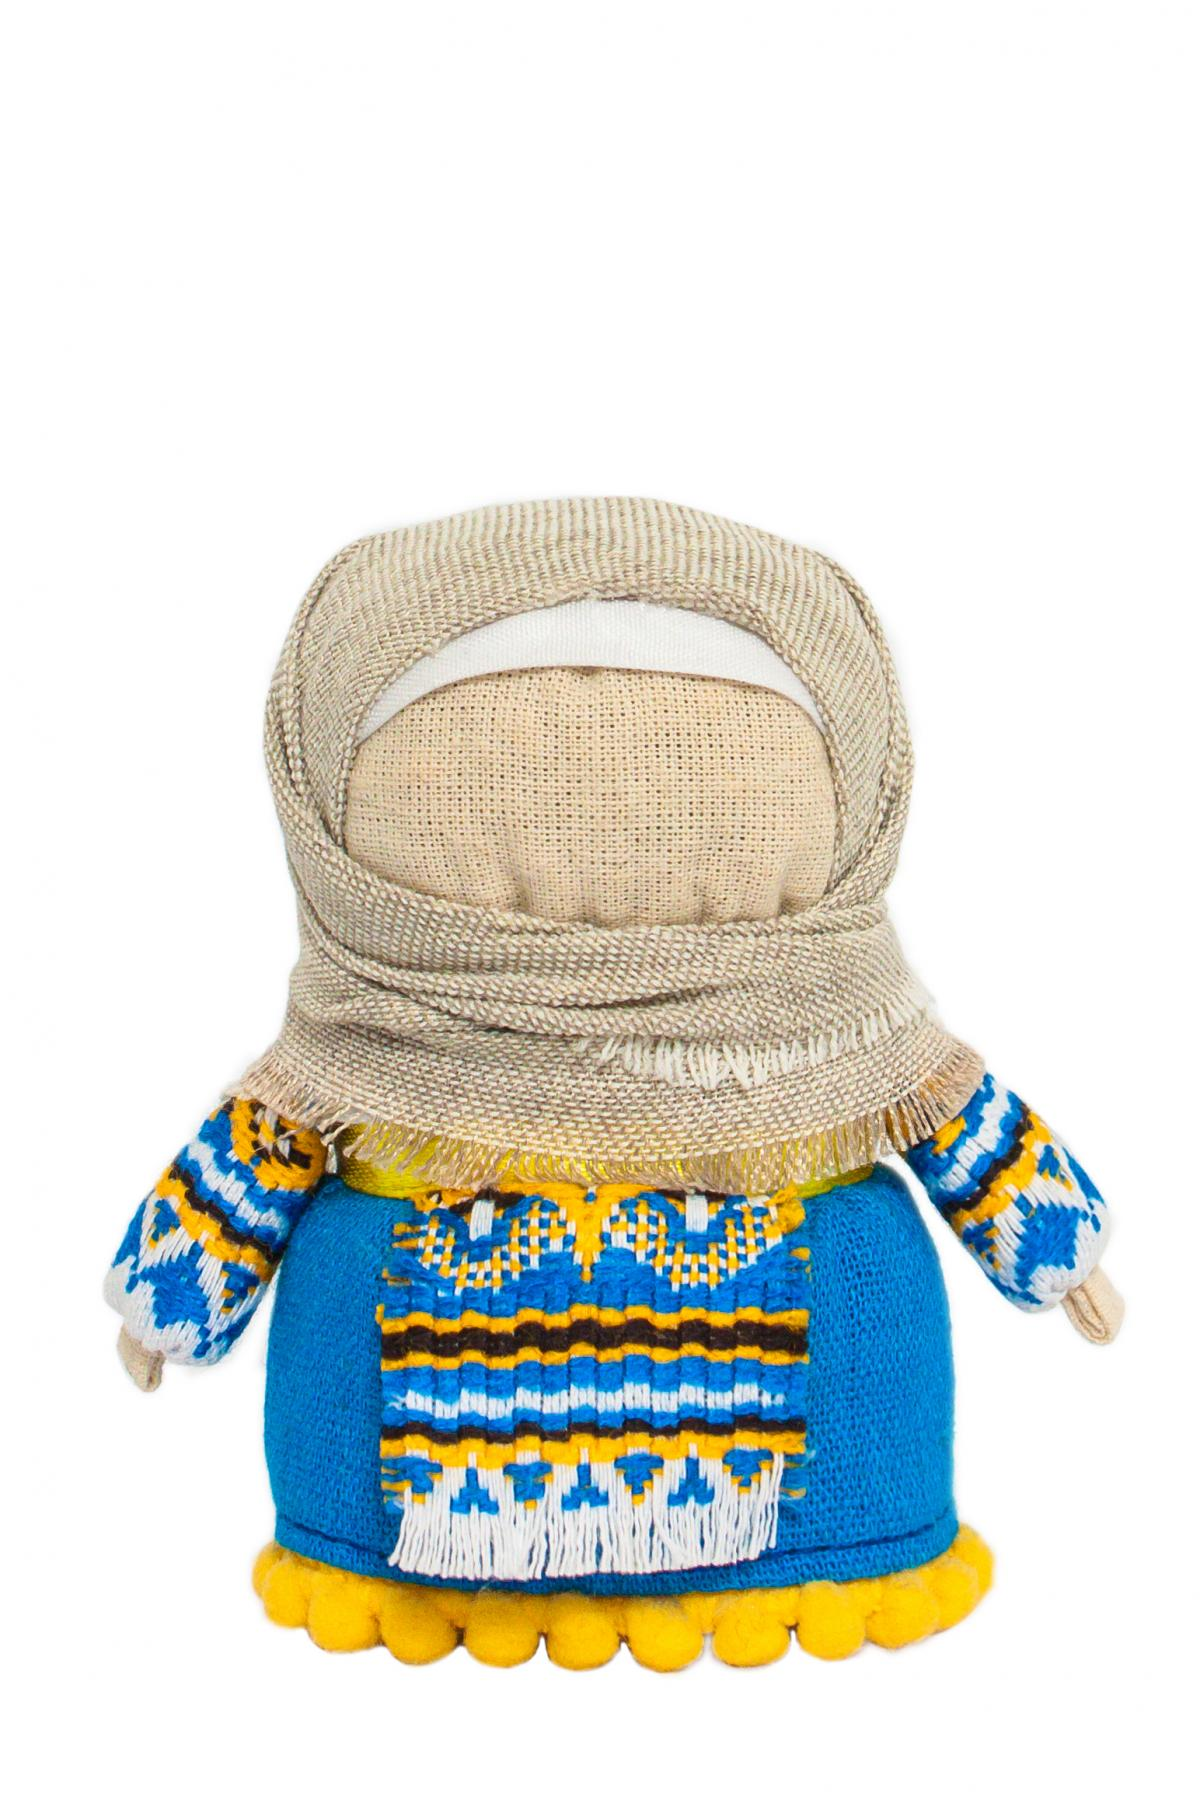 Кукла Зернянка синяя (на достаток). Фото №1. | Народный дом Украина